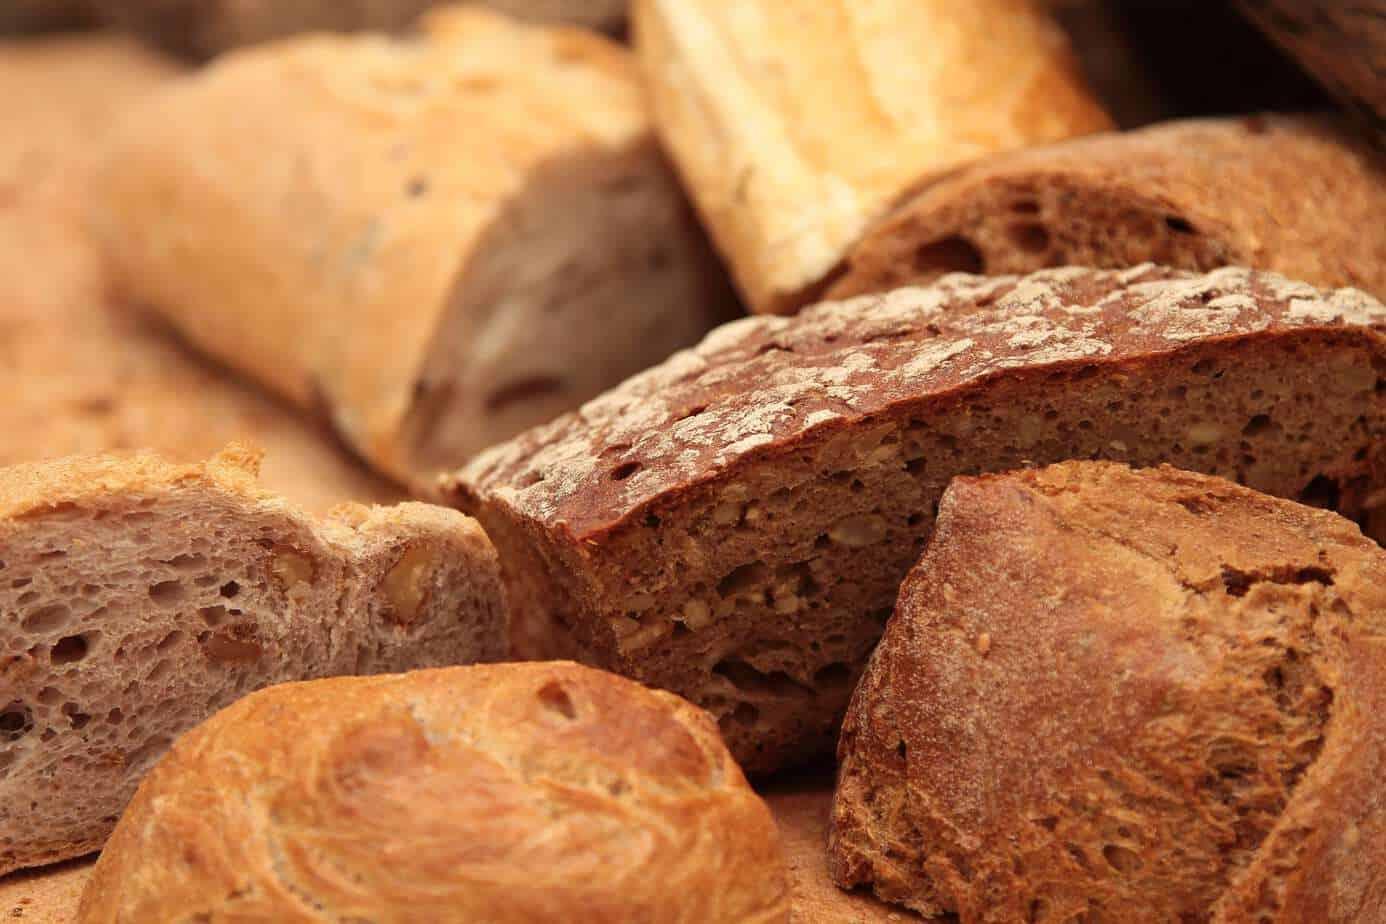 Sabes ¿cuáles son los 10 alimentos más consumidos en Chile?